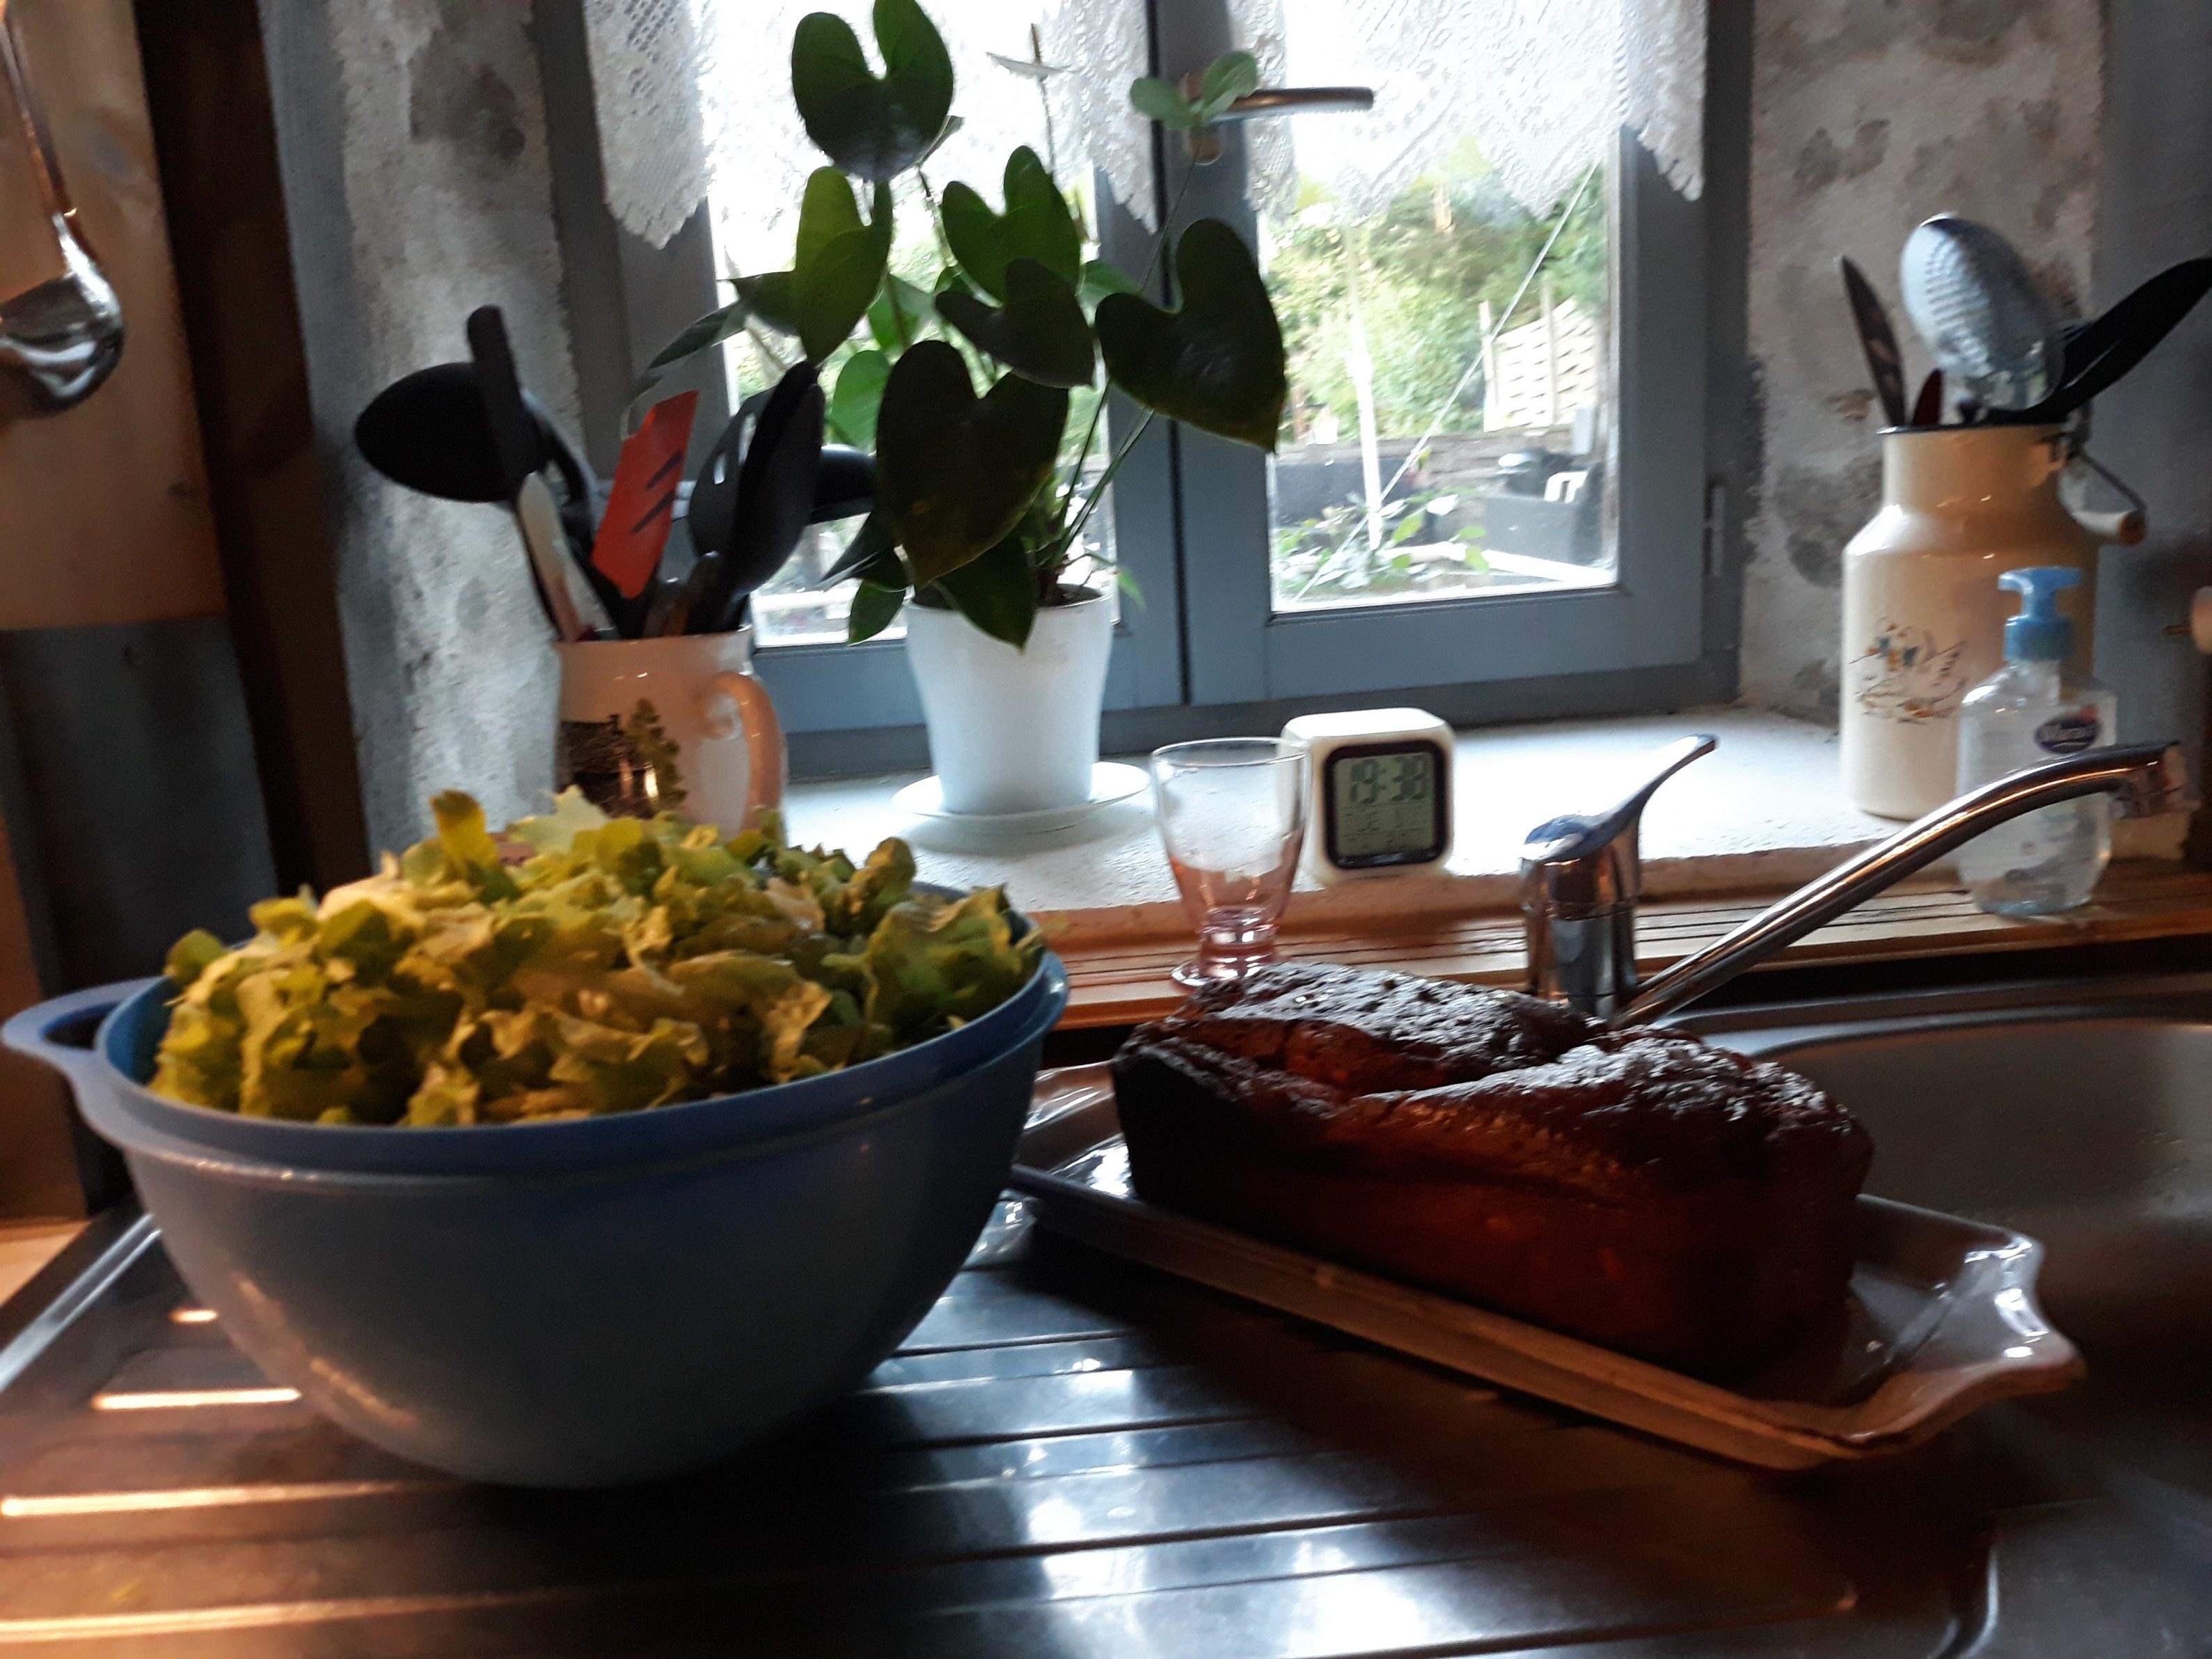 chambre-hotes-auvergne-table-d-hote-salade-repas-fenetre-plante